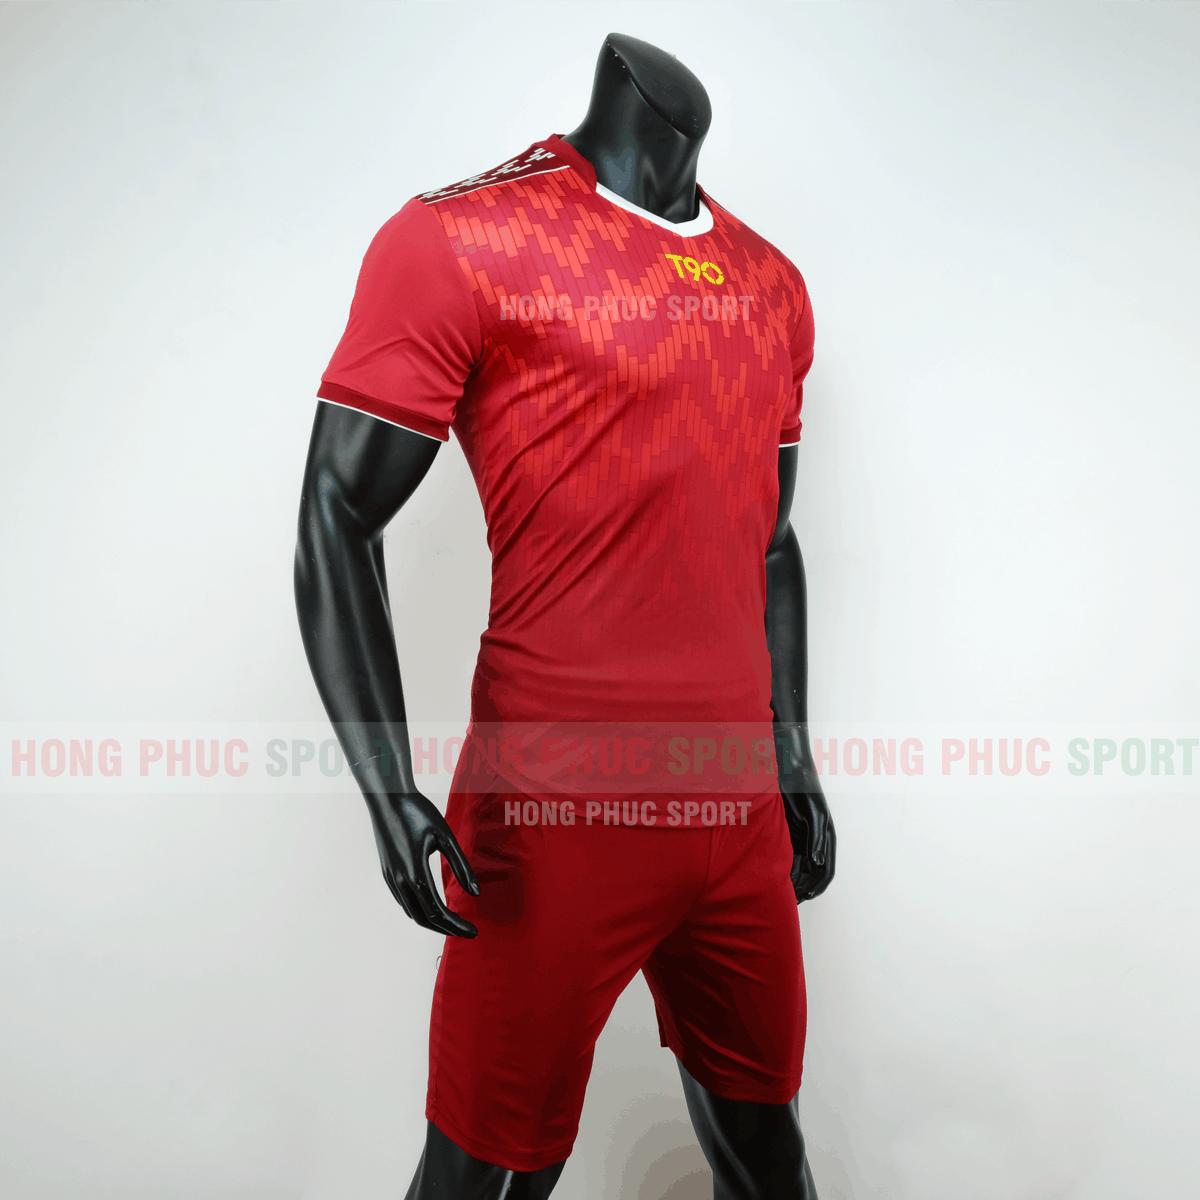 https://cdn.hongphucsport.com/unsafe/cdn.hongphucsport.com/dothethao.net.vn/wp-content/uploads/2019/08/ao-da-bong-t90-mau-do-khong-logo-2019-2020-4-1.png